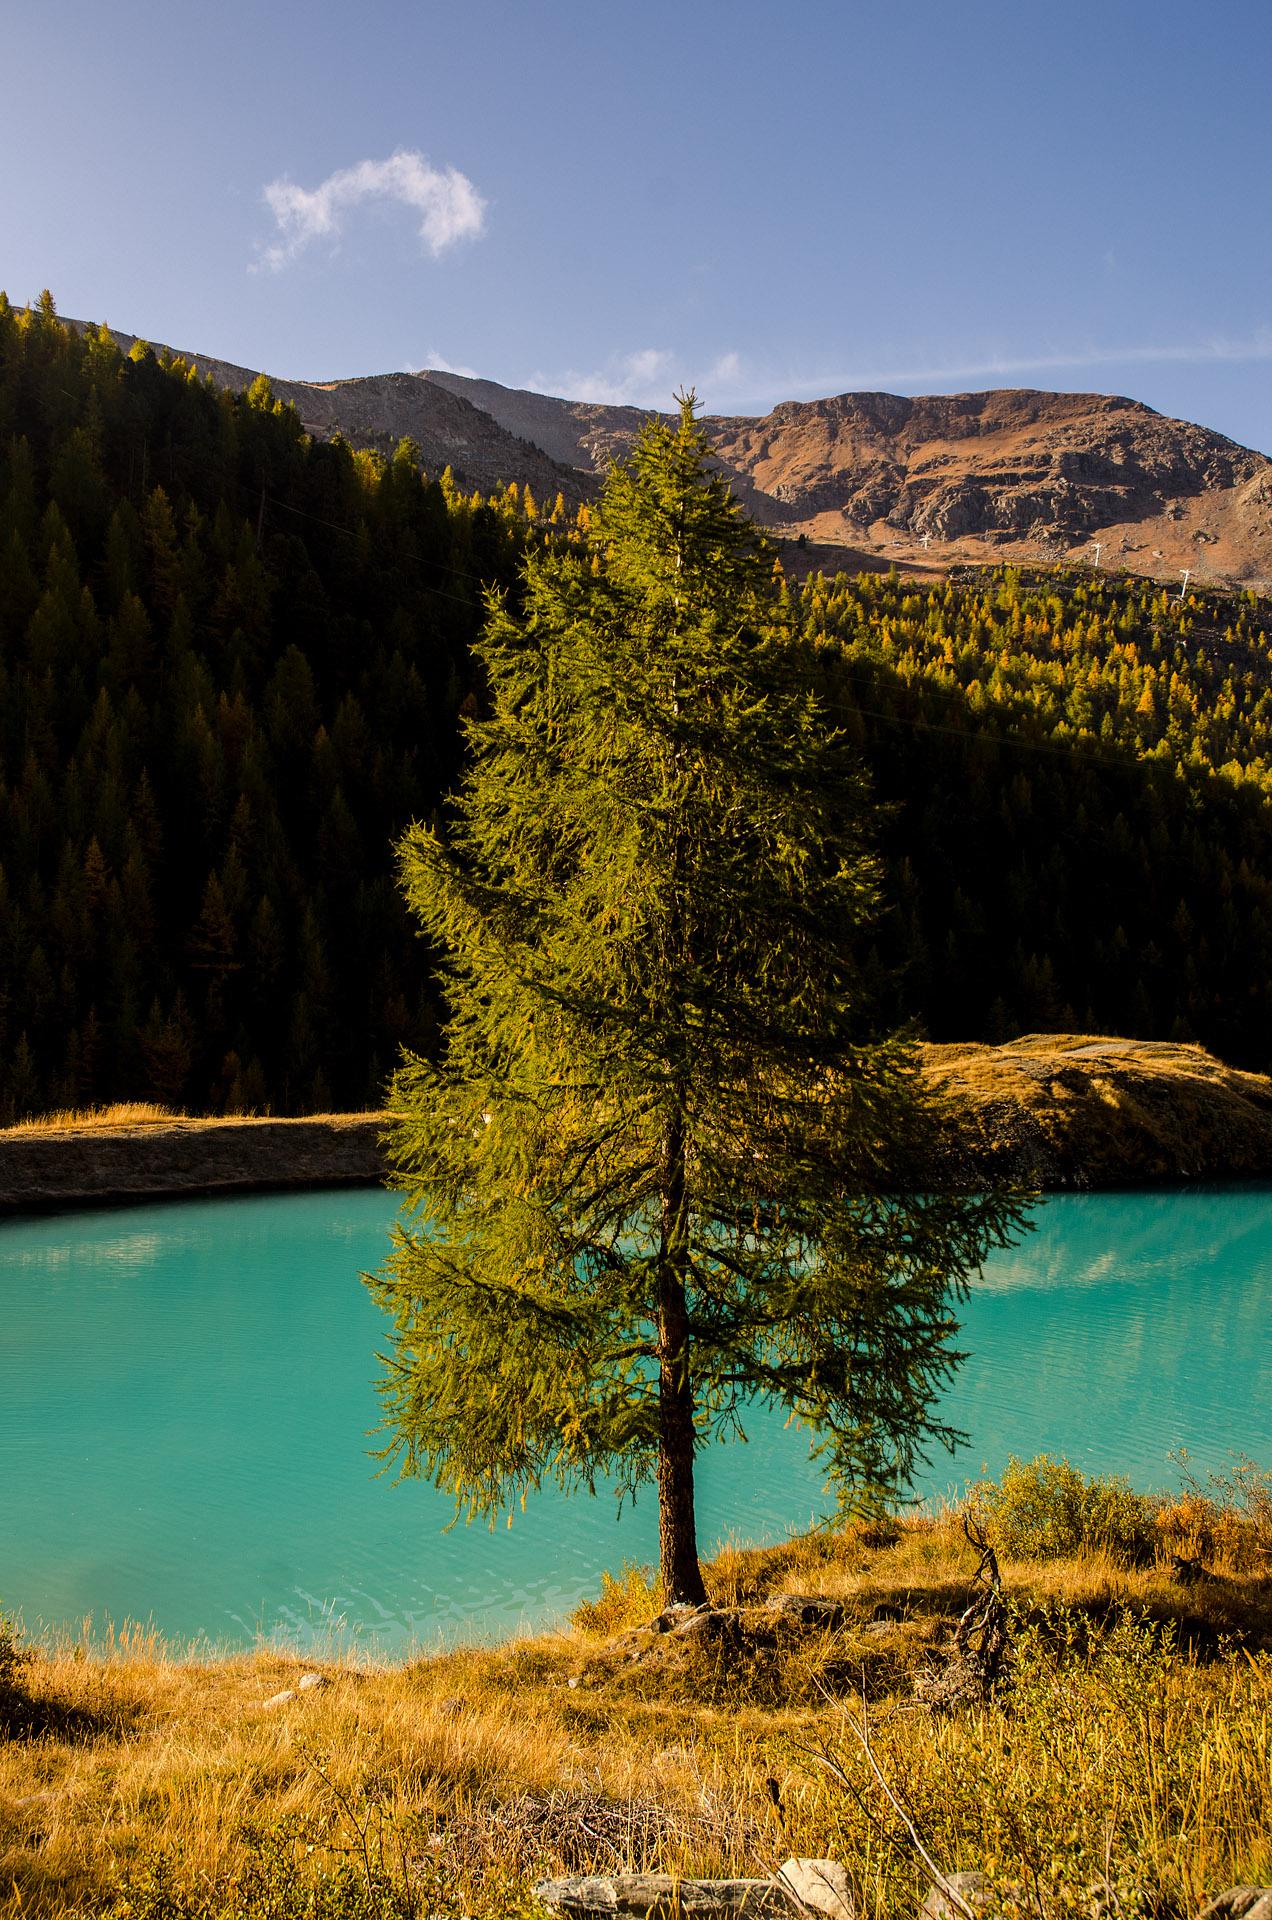 Mosjesee Lake